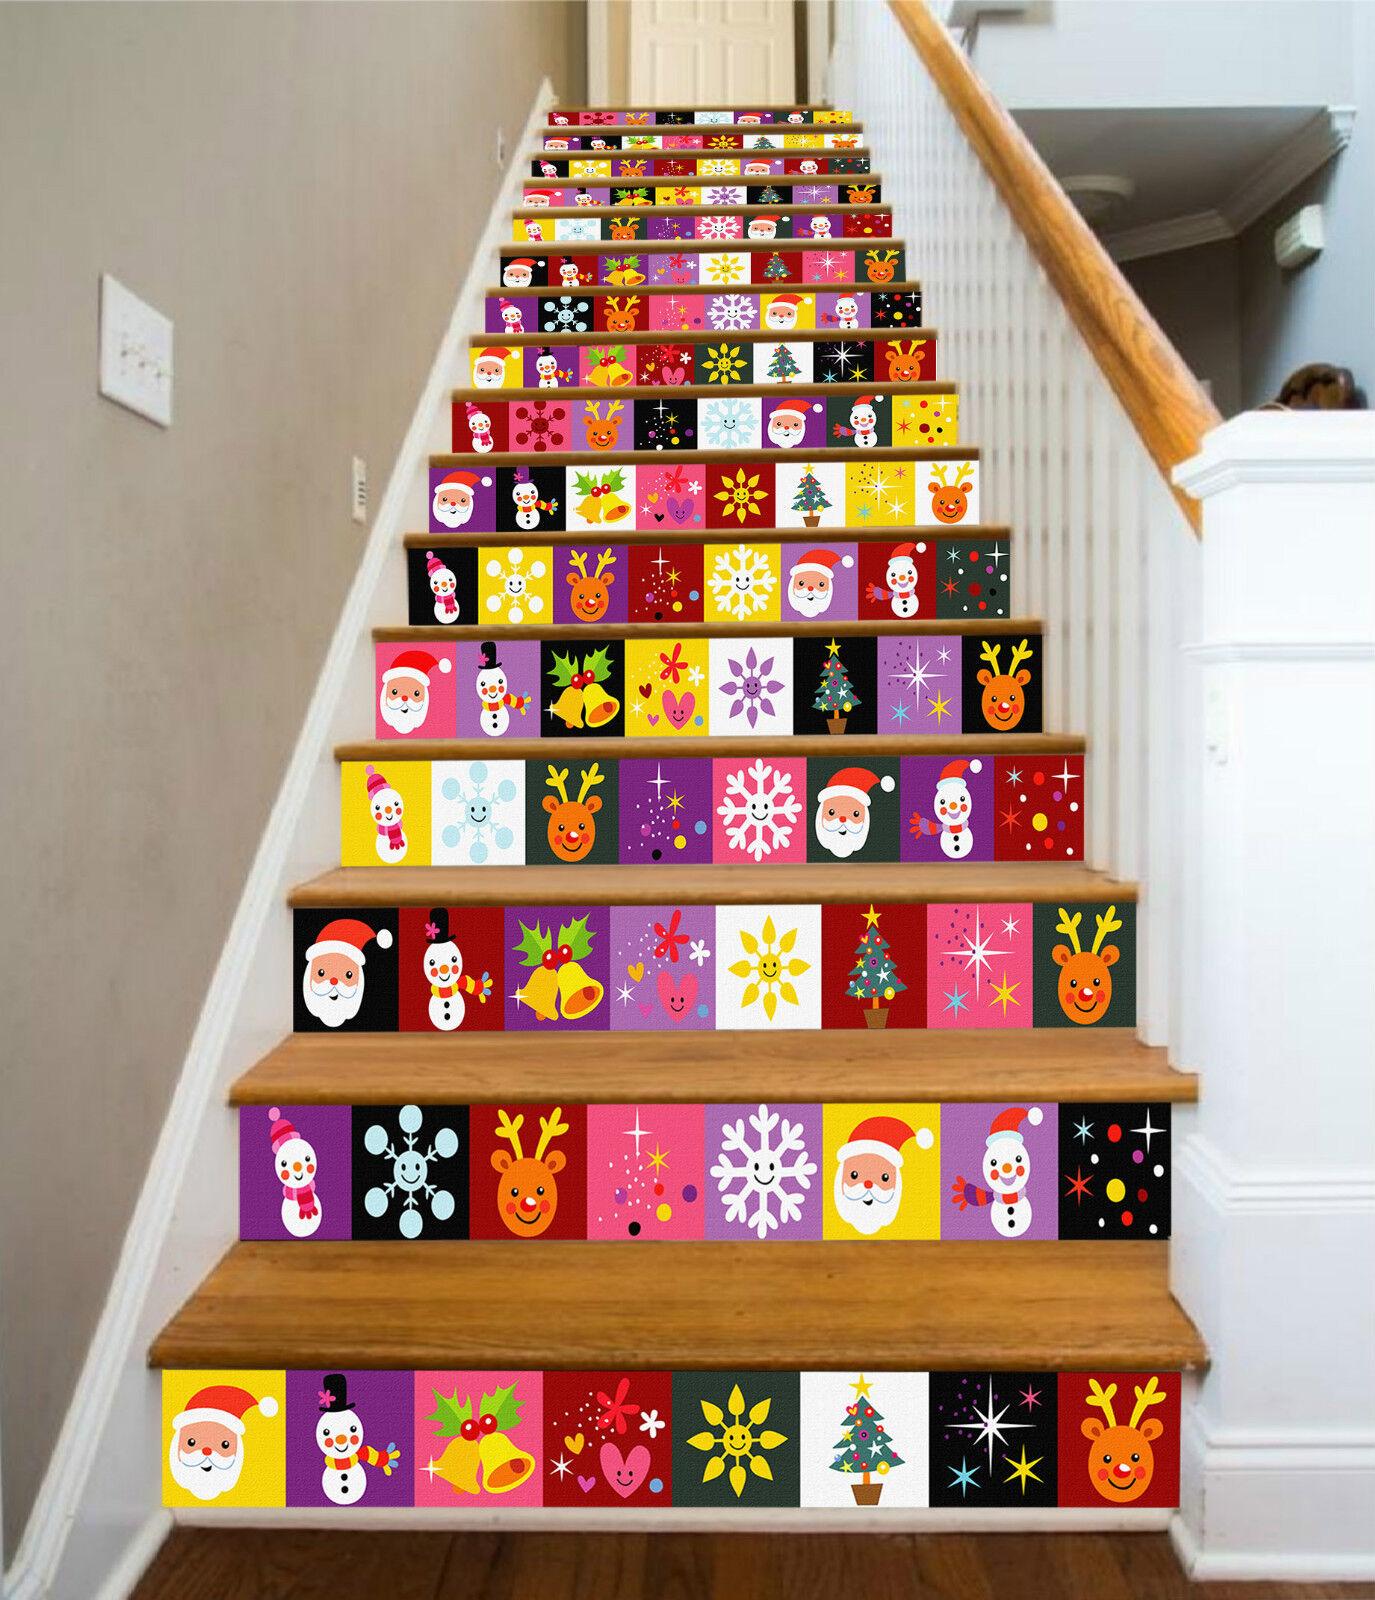 3D Karikatur 5 Stair Riser Dekoration Fototapete Vinyl Aufkleber Tapete DE Lemon